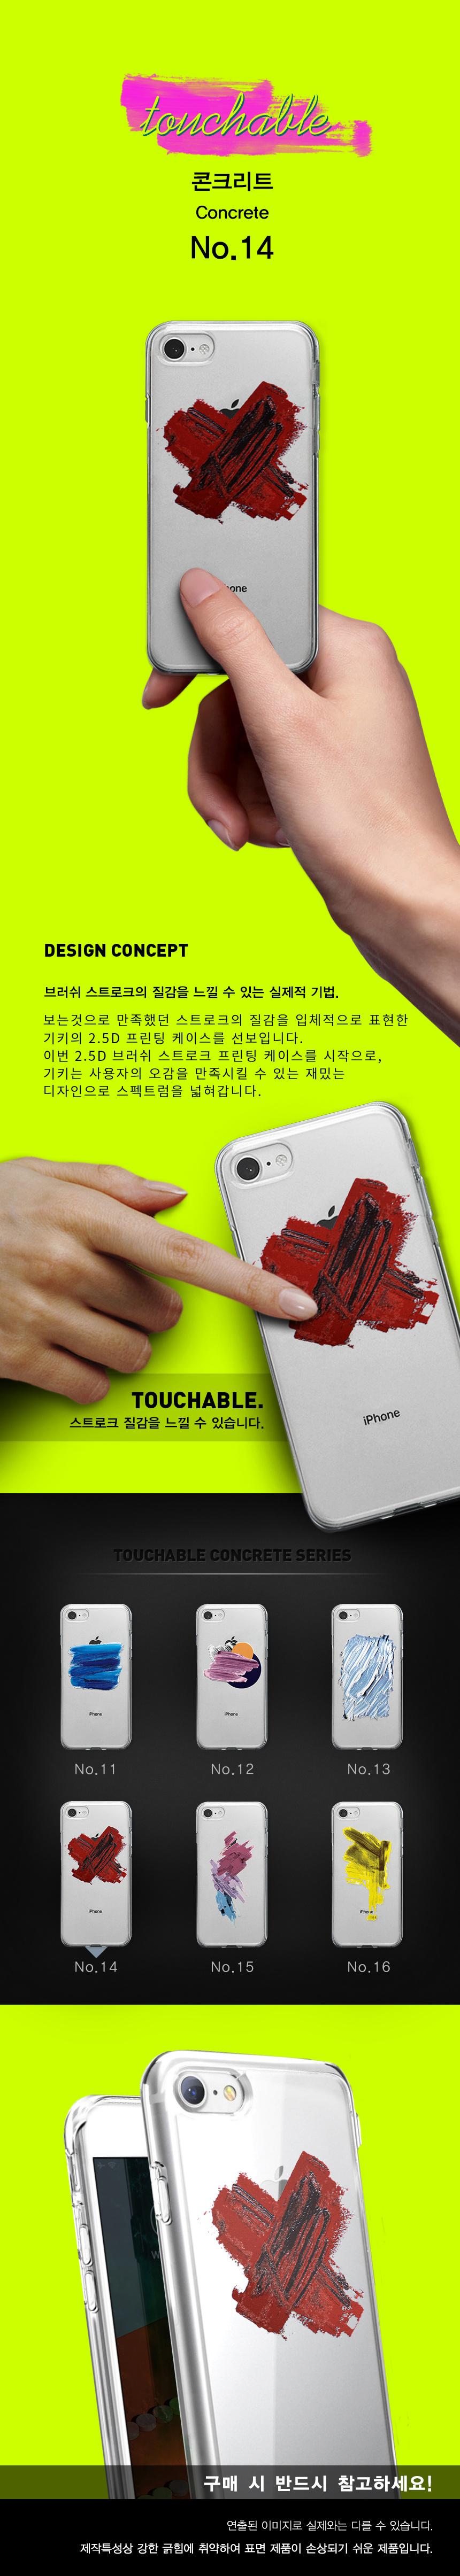 기키(GEEKY) [투명] phone case concrete no.14